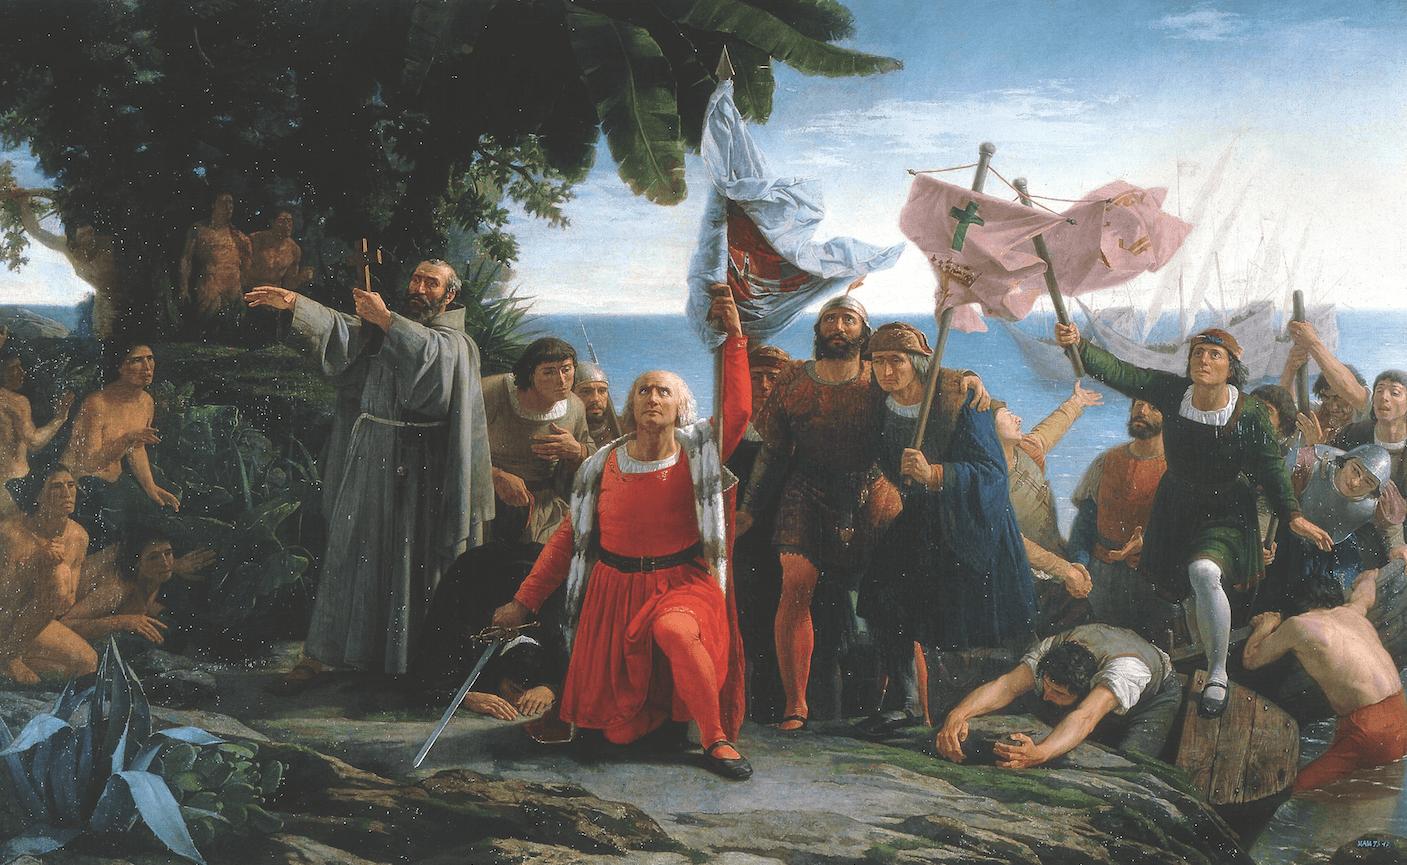 Desembarco de Colón el 12 de Octubre de 1492 en Guanhani. Óleo por Dióscoro de la Puebla.